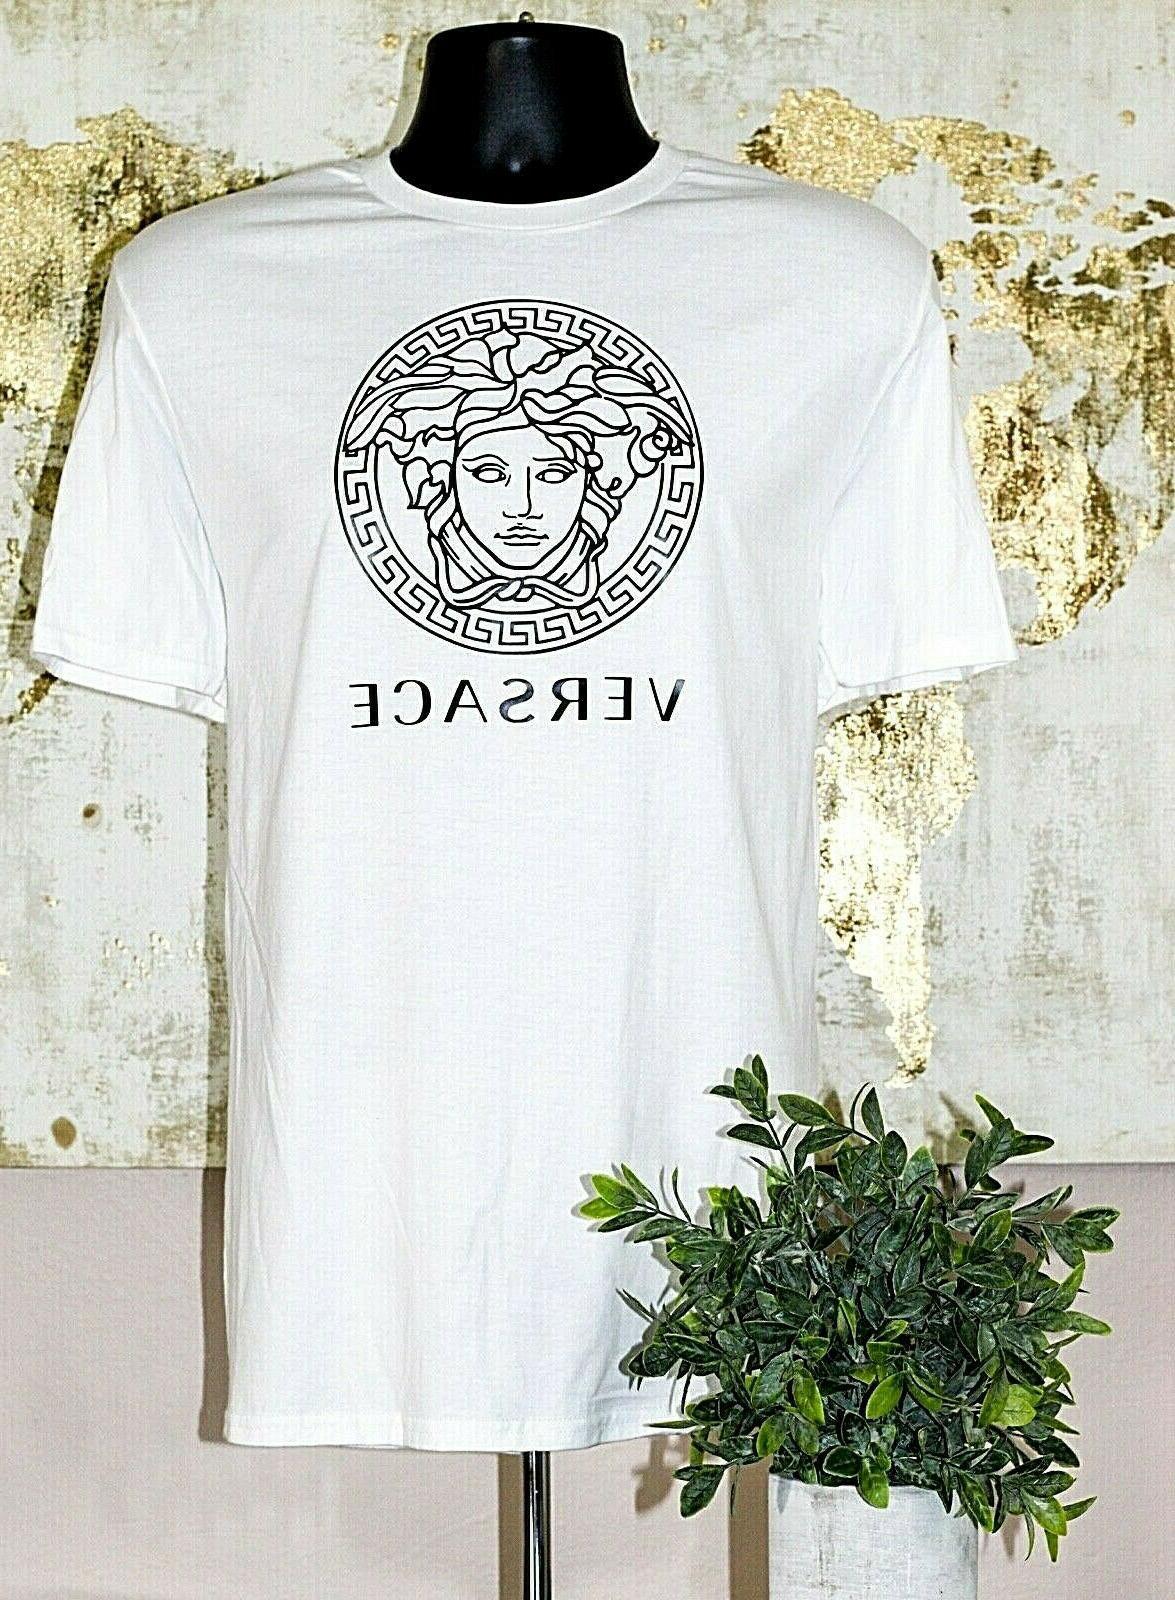 versace t shirt new 2020 summer logo